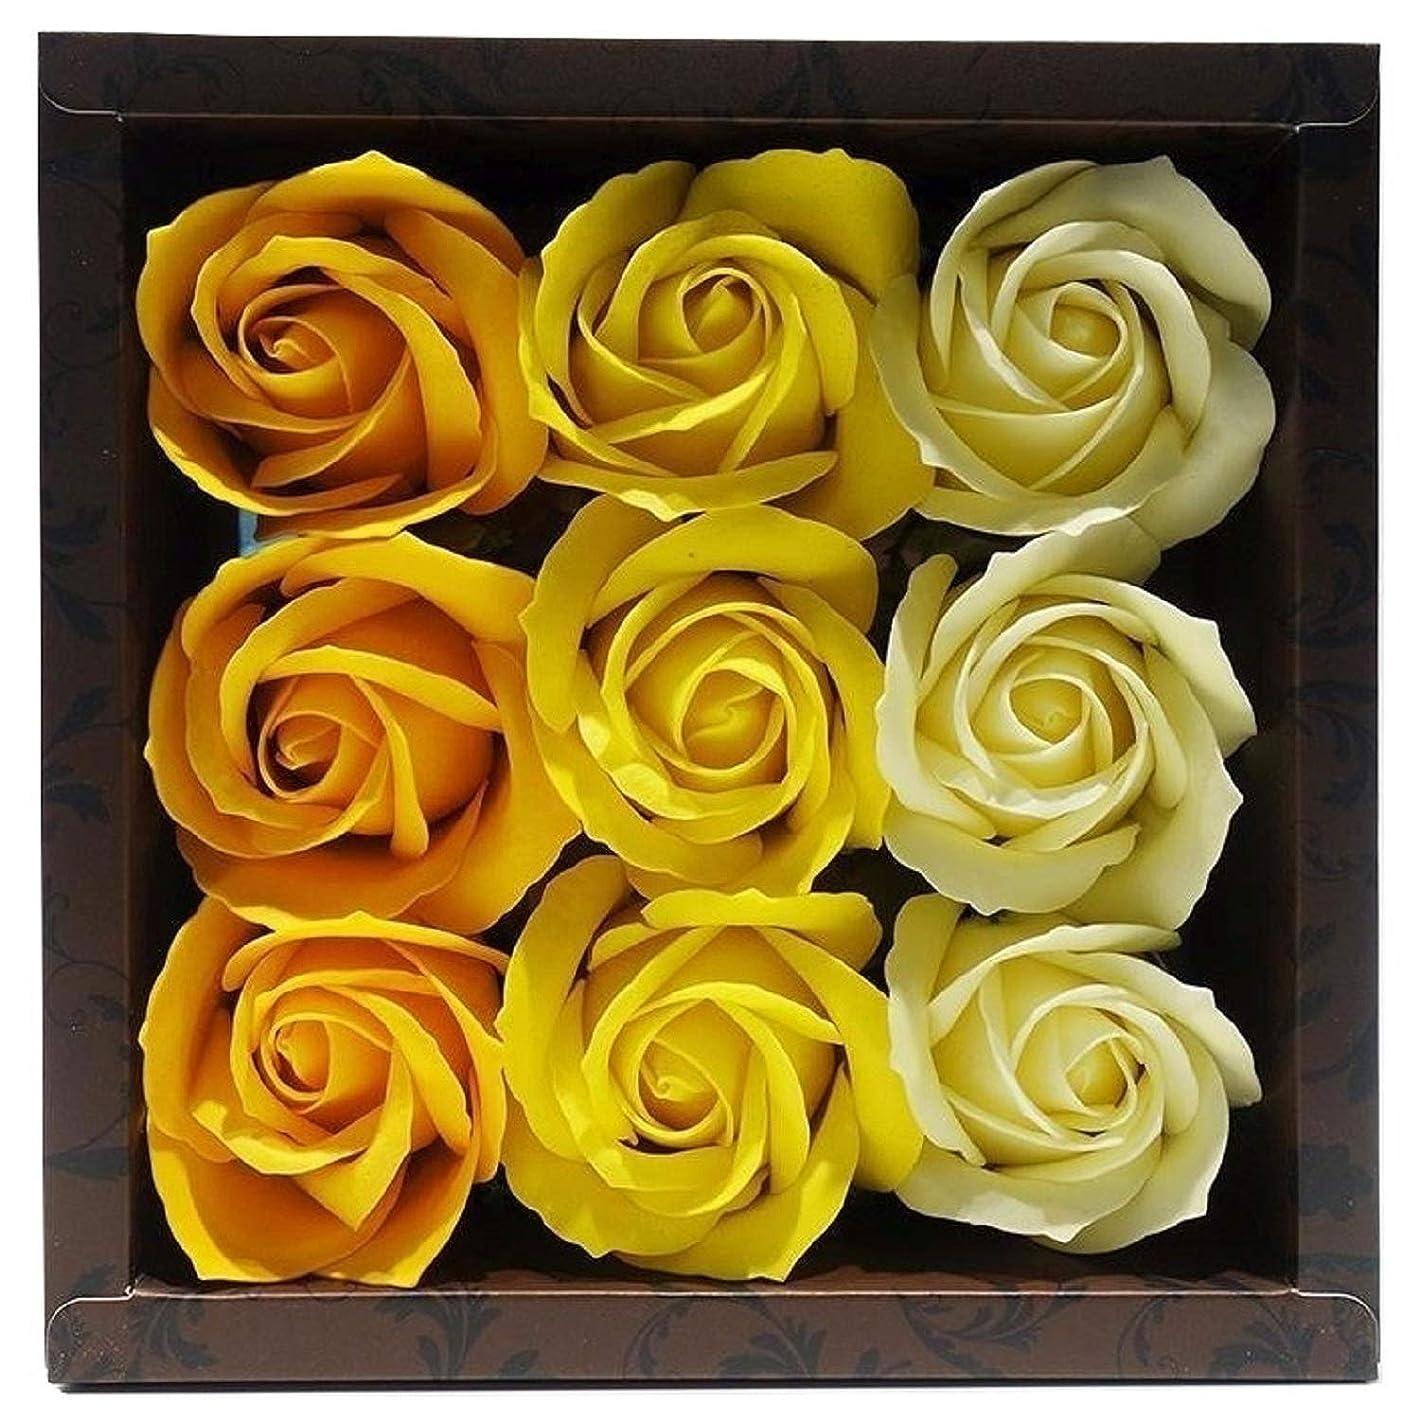 実行退屈毛布バスフレグランス バスフラワー ローズフレグランス イエローカラー ギフト お花の形の入浴剤